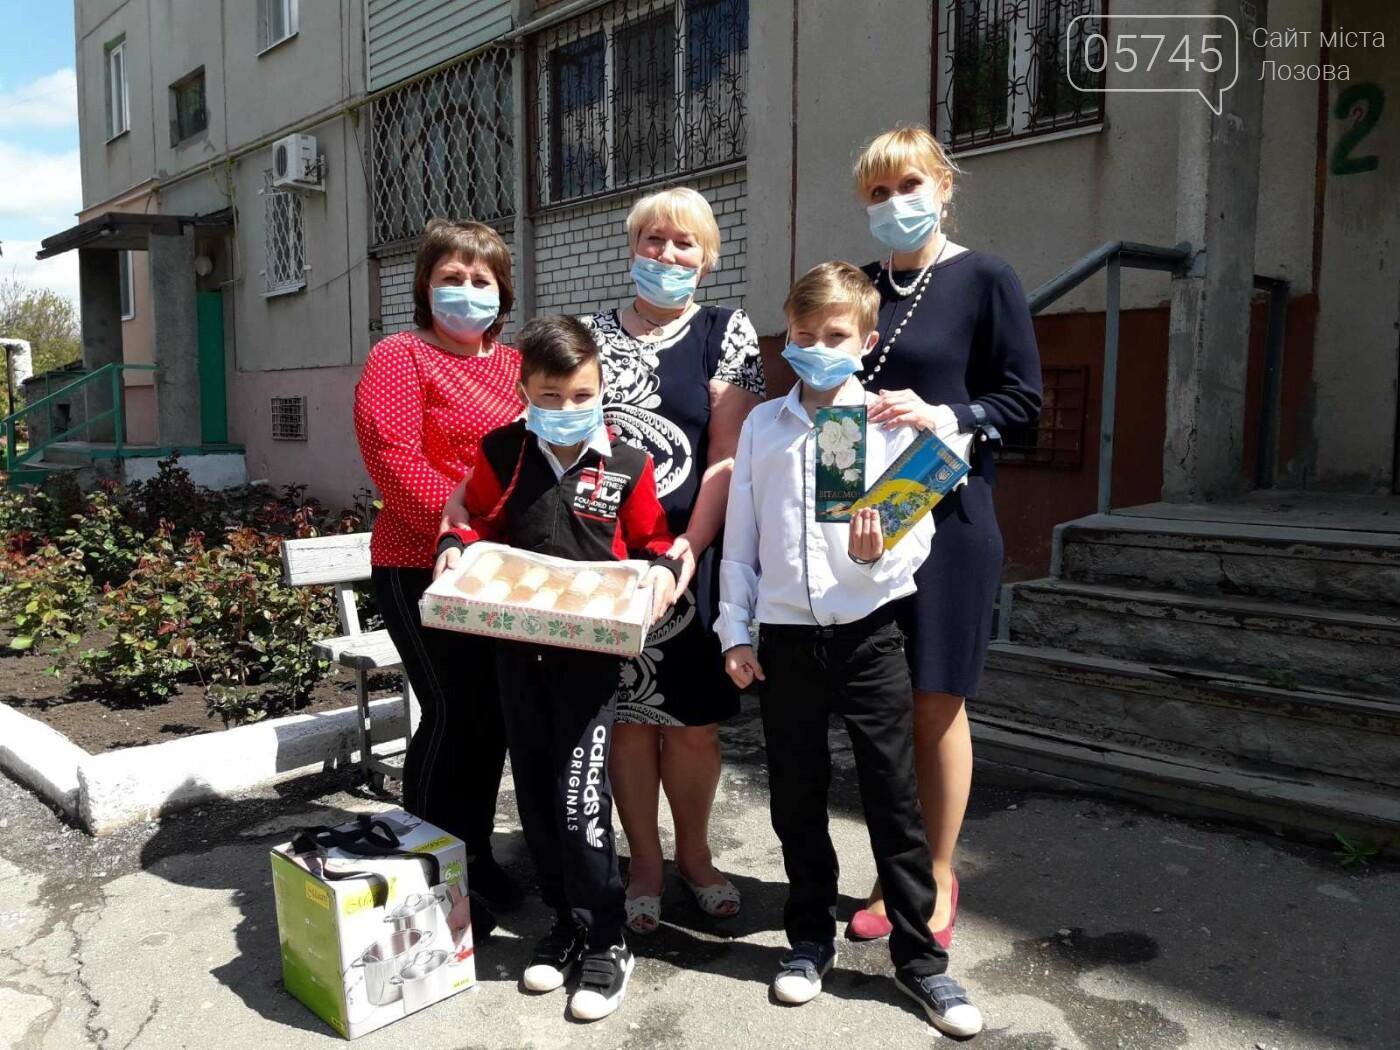 Приемные семьи Лозовщины получили подарки ко Дню семьи, фото-9